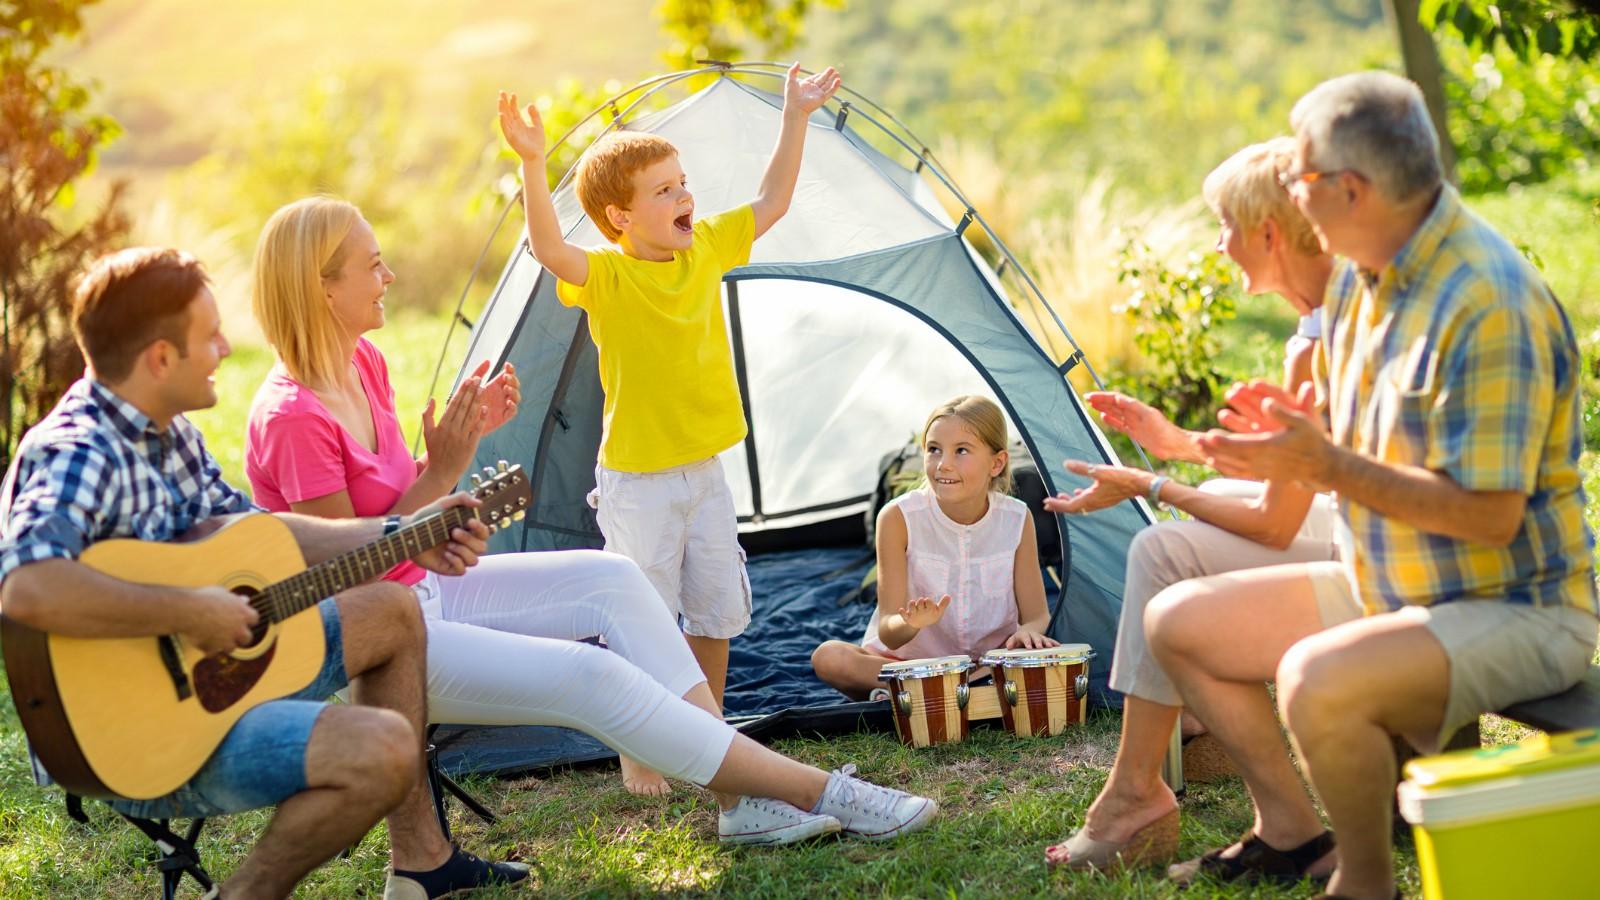 Vacanze in campeggio con i bambini